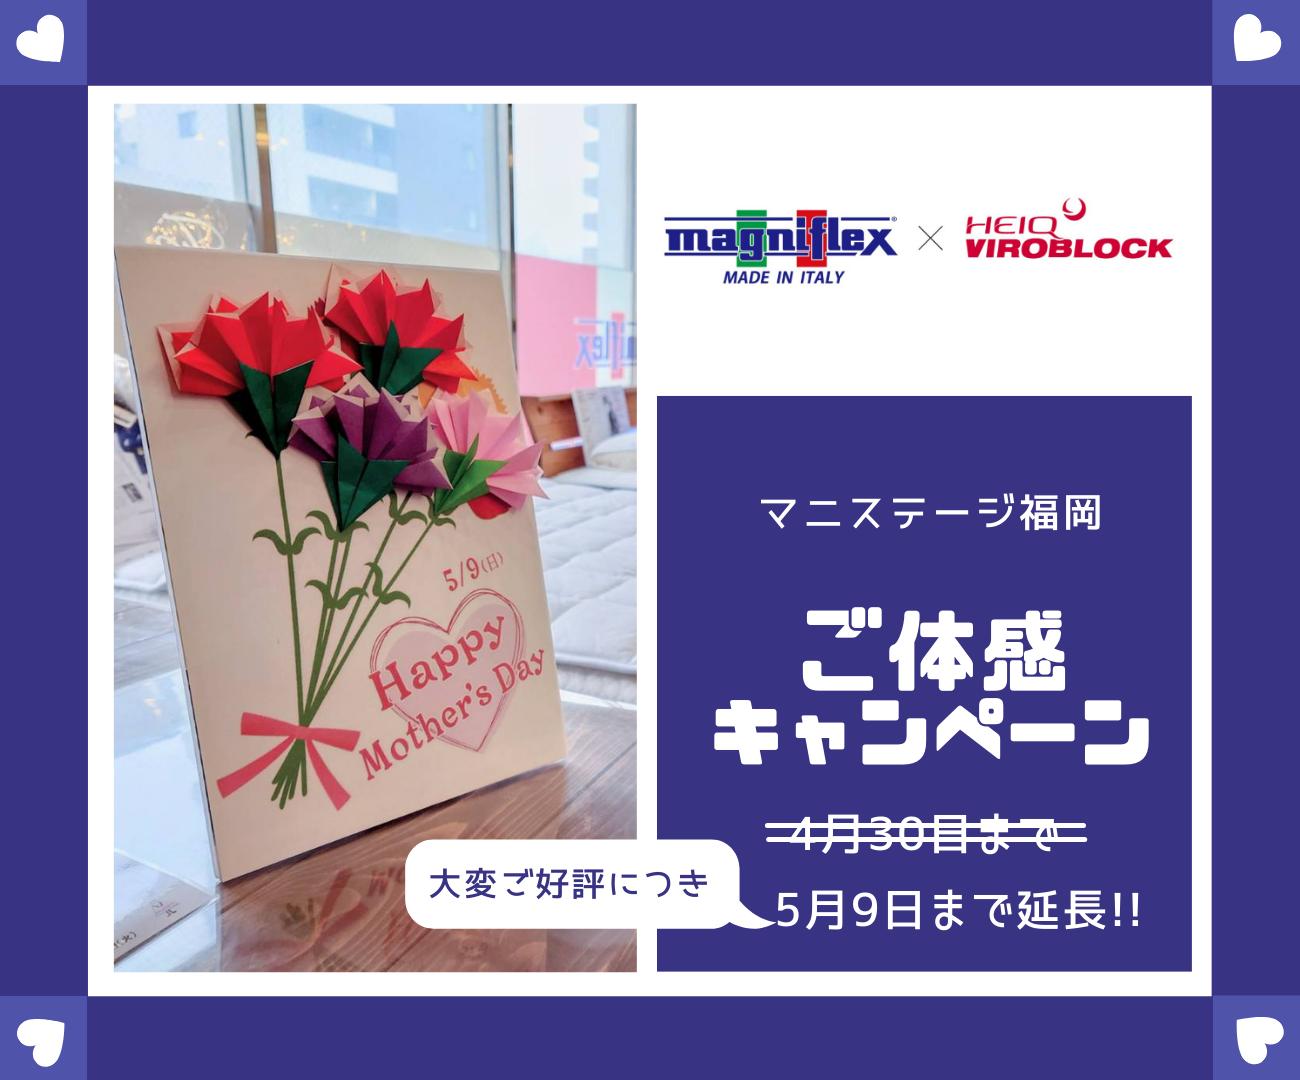 ご体感キャンペーン 母の日まで延長_福岡